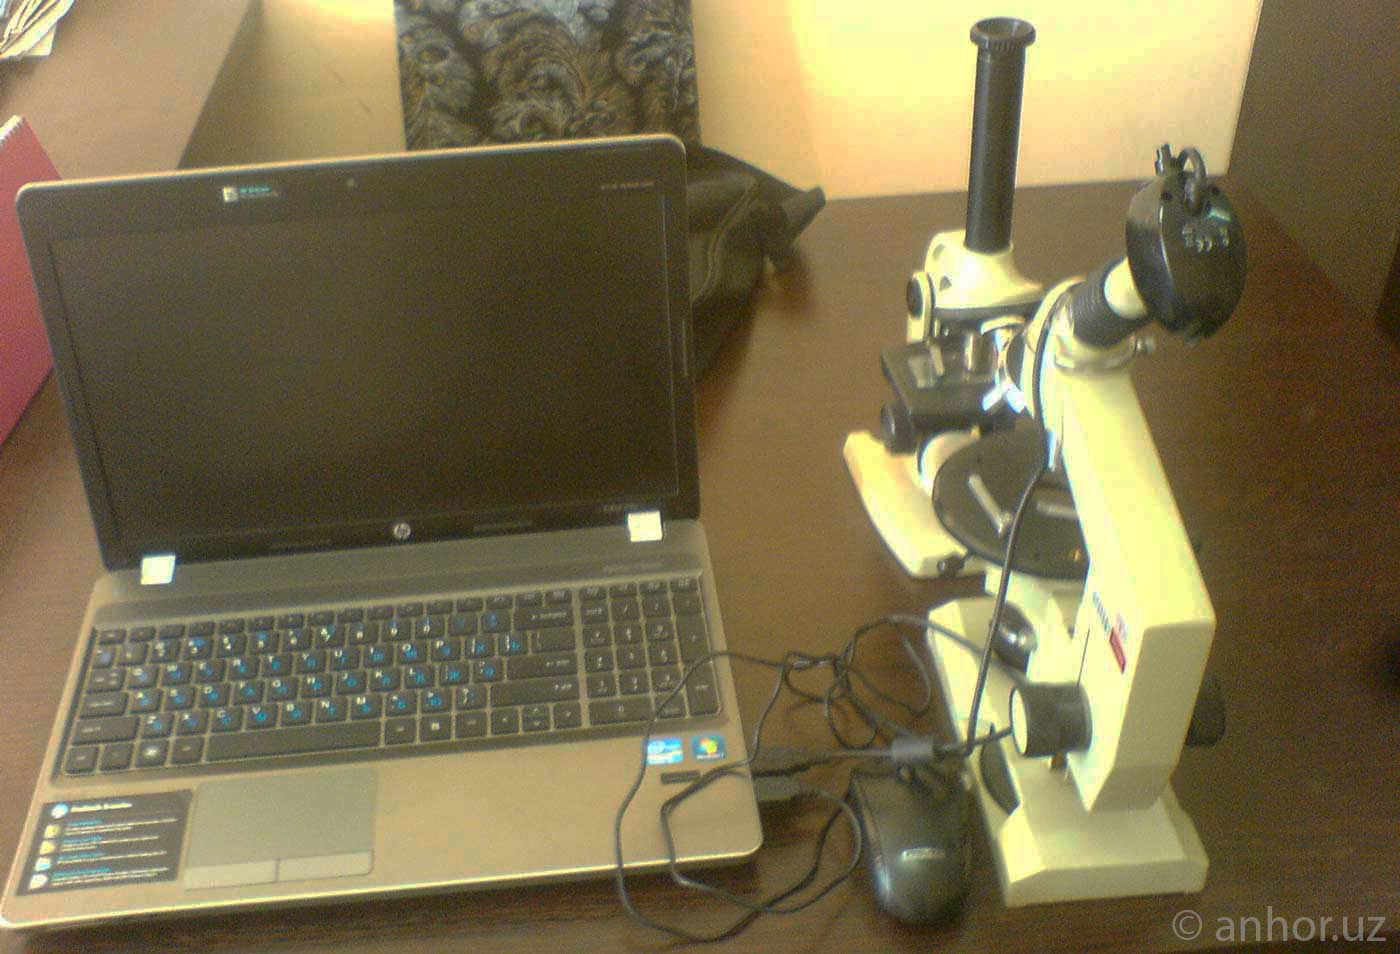 Ташкентский студент модернизировал микроскоп